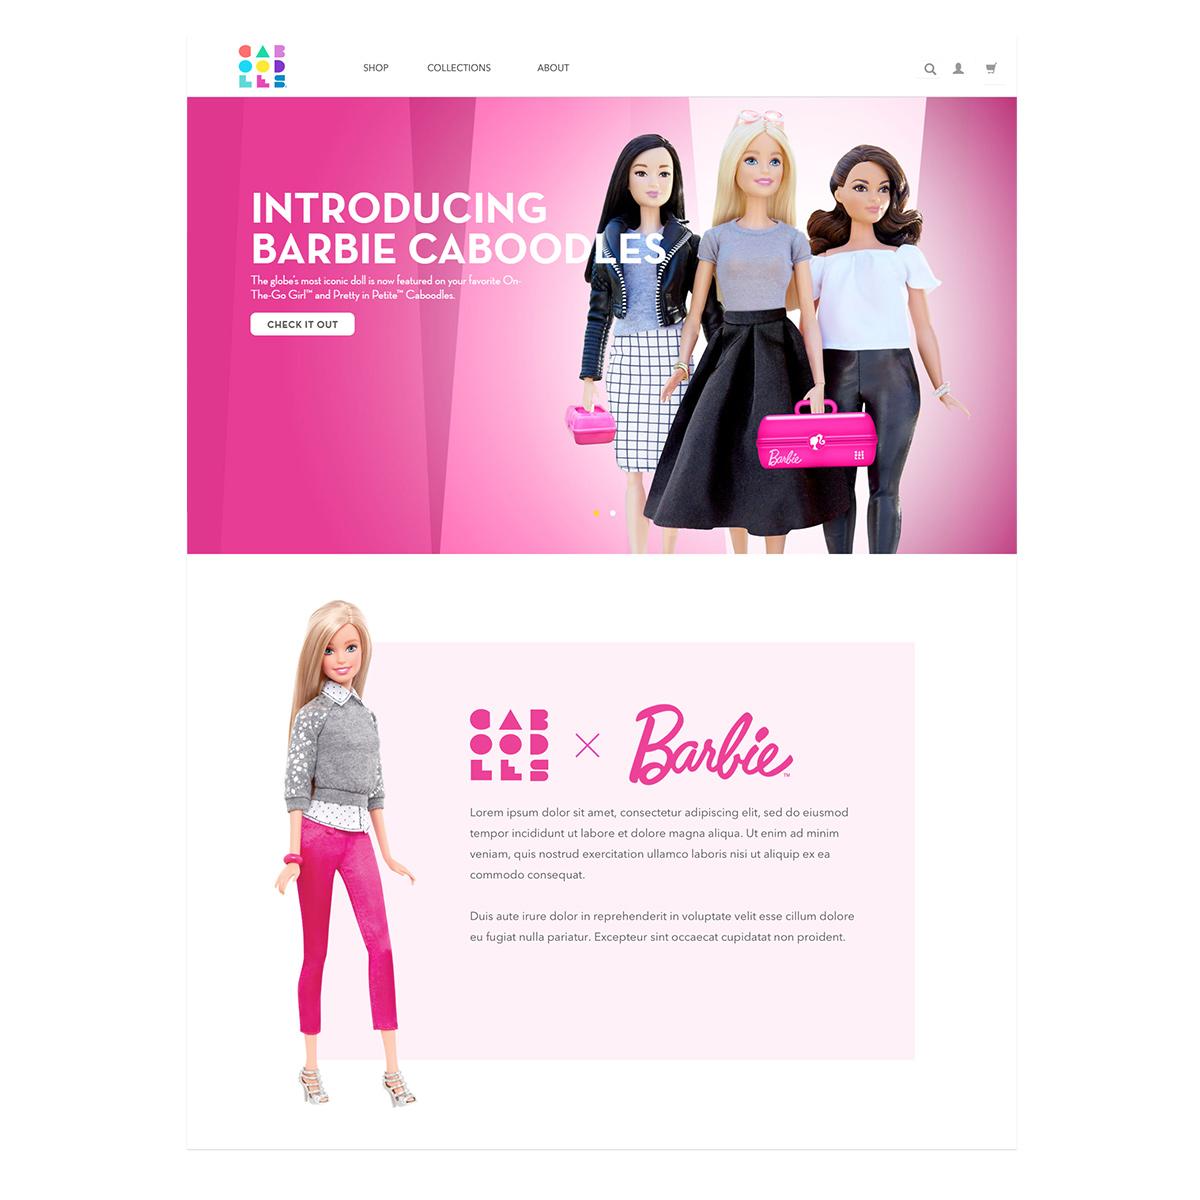 caboodles barbie landing page 1